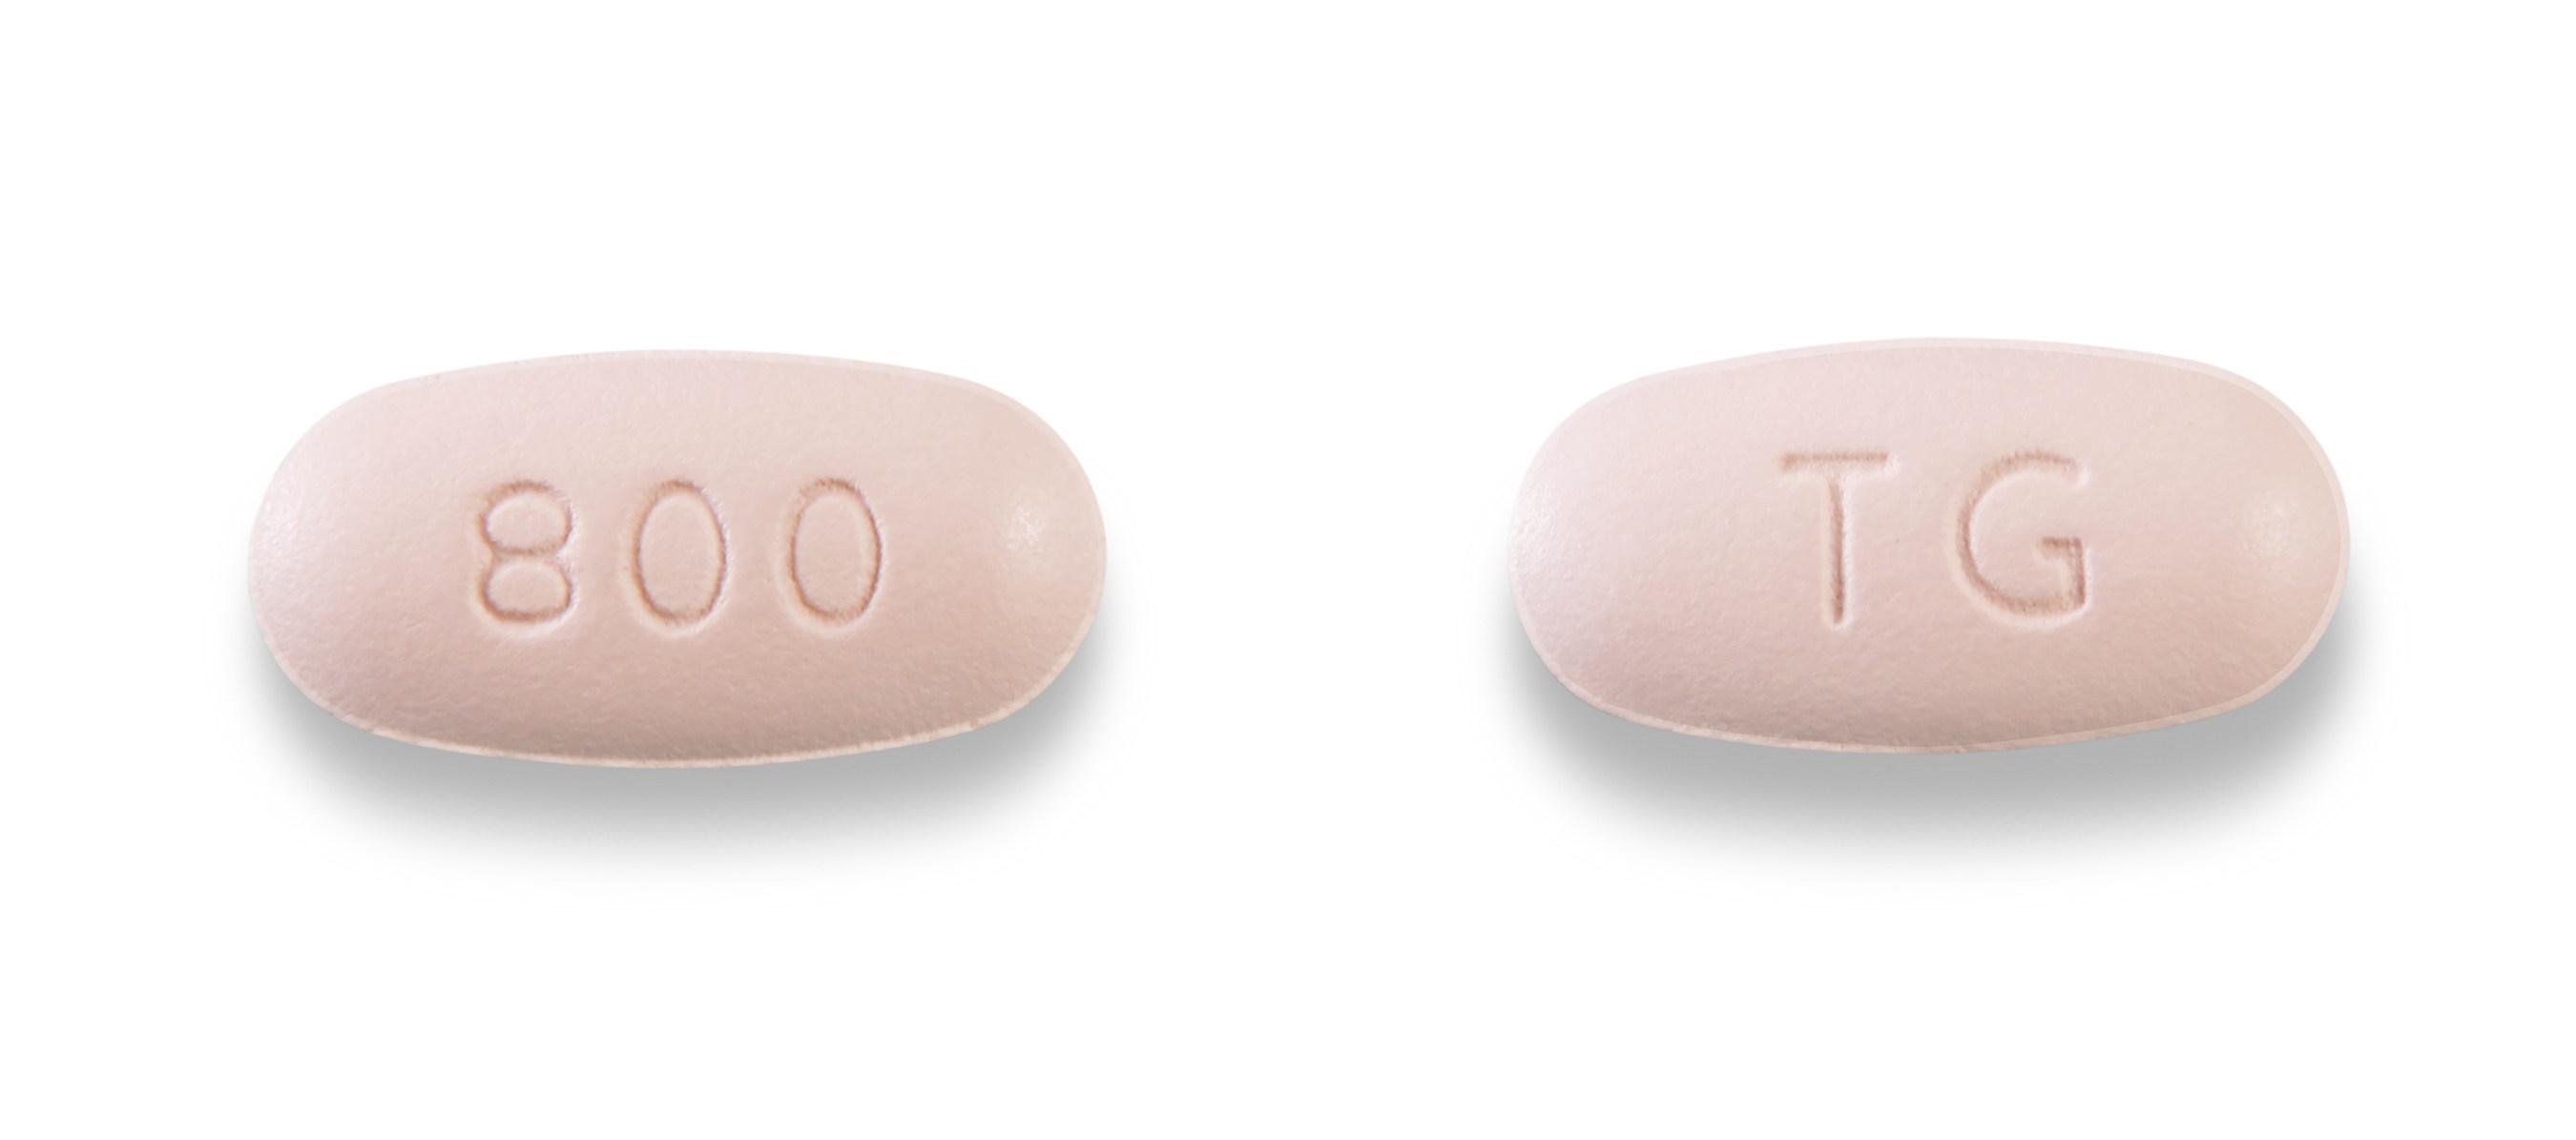 buy estradiol online canada